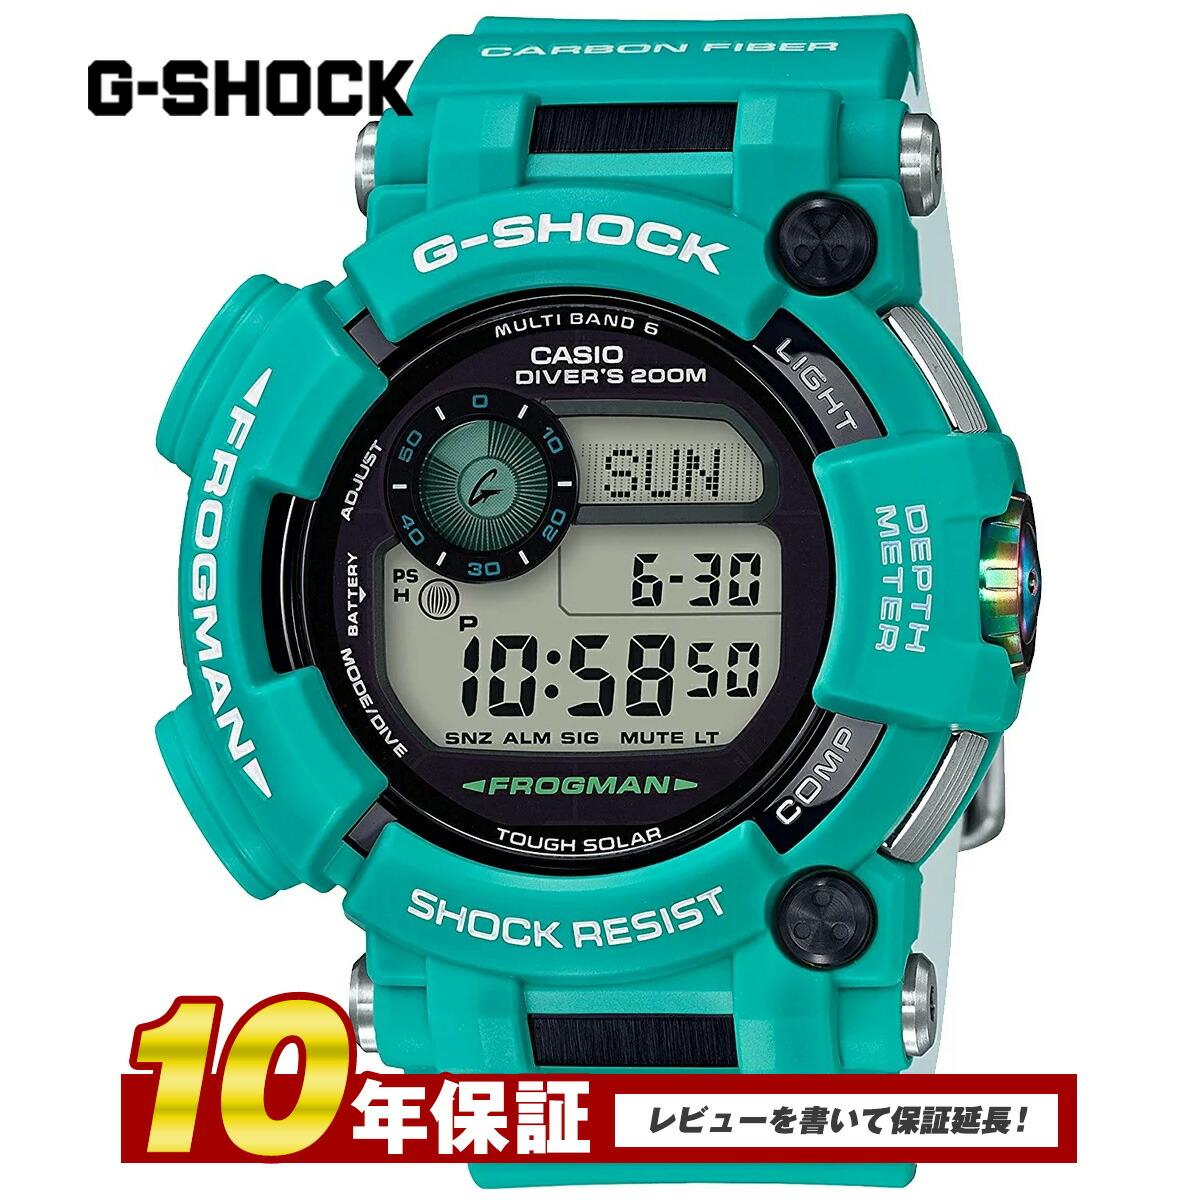 G-SHOCK Gショック